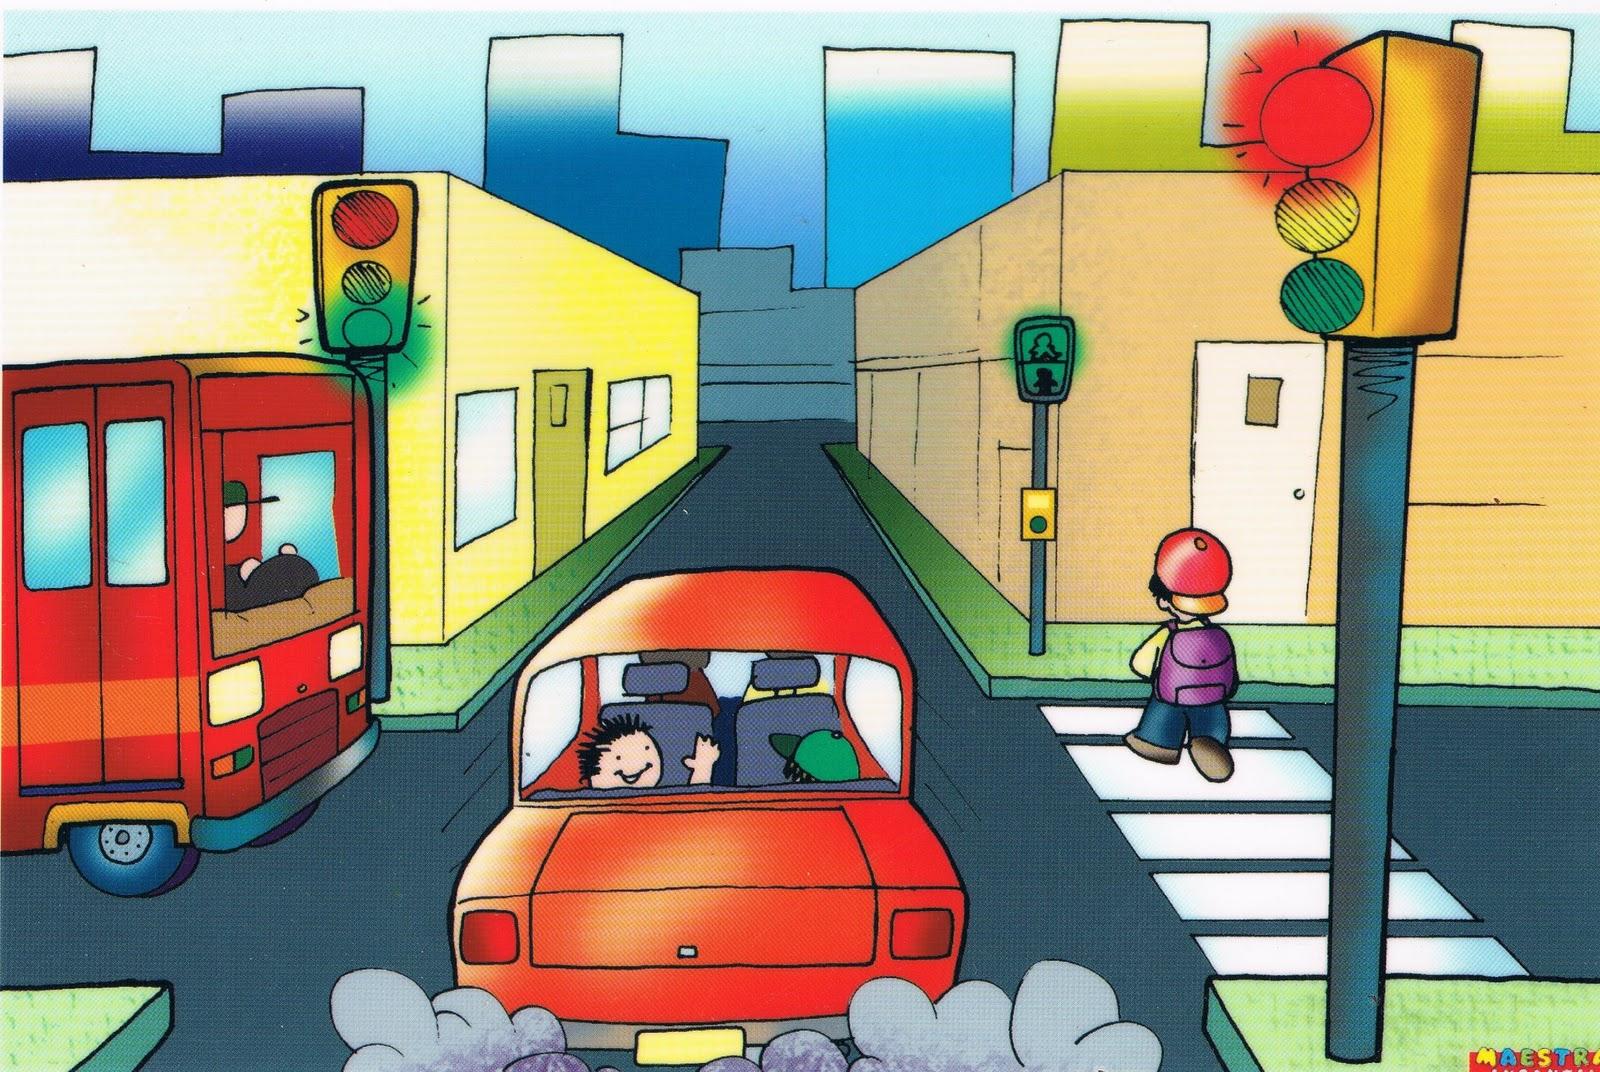 Aprender desde pequeños y la implicación de las instituciones, fabricantes de vehículos y padres, es el futuro de la Seguridad Vial y la disminución de los accidentes que afectan a los más pequeños.